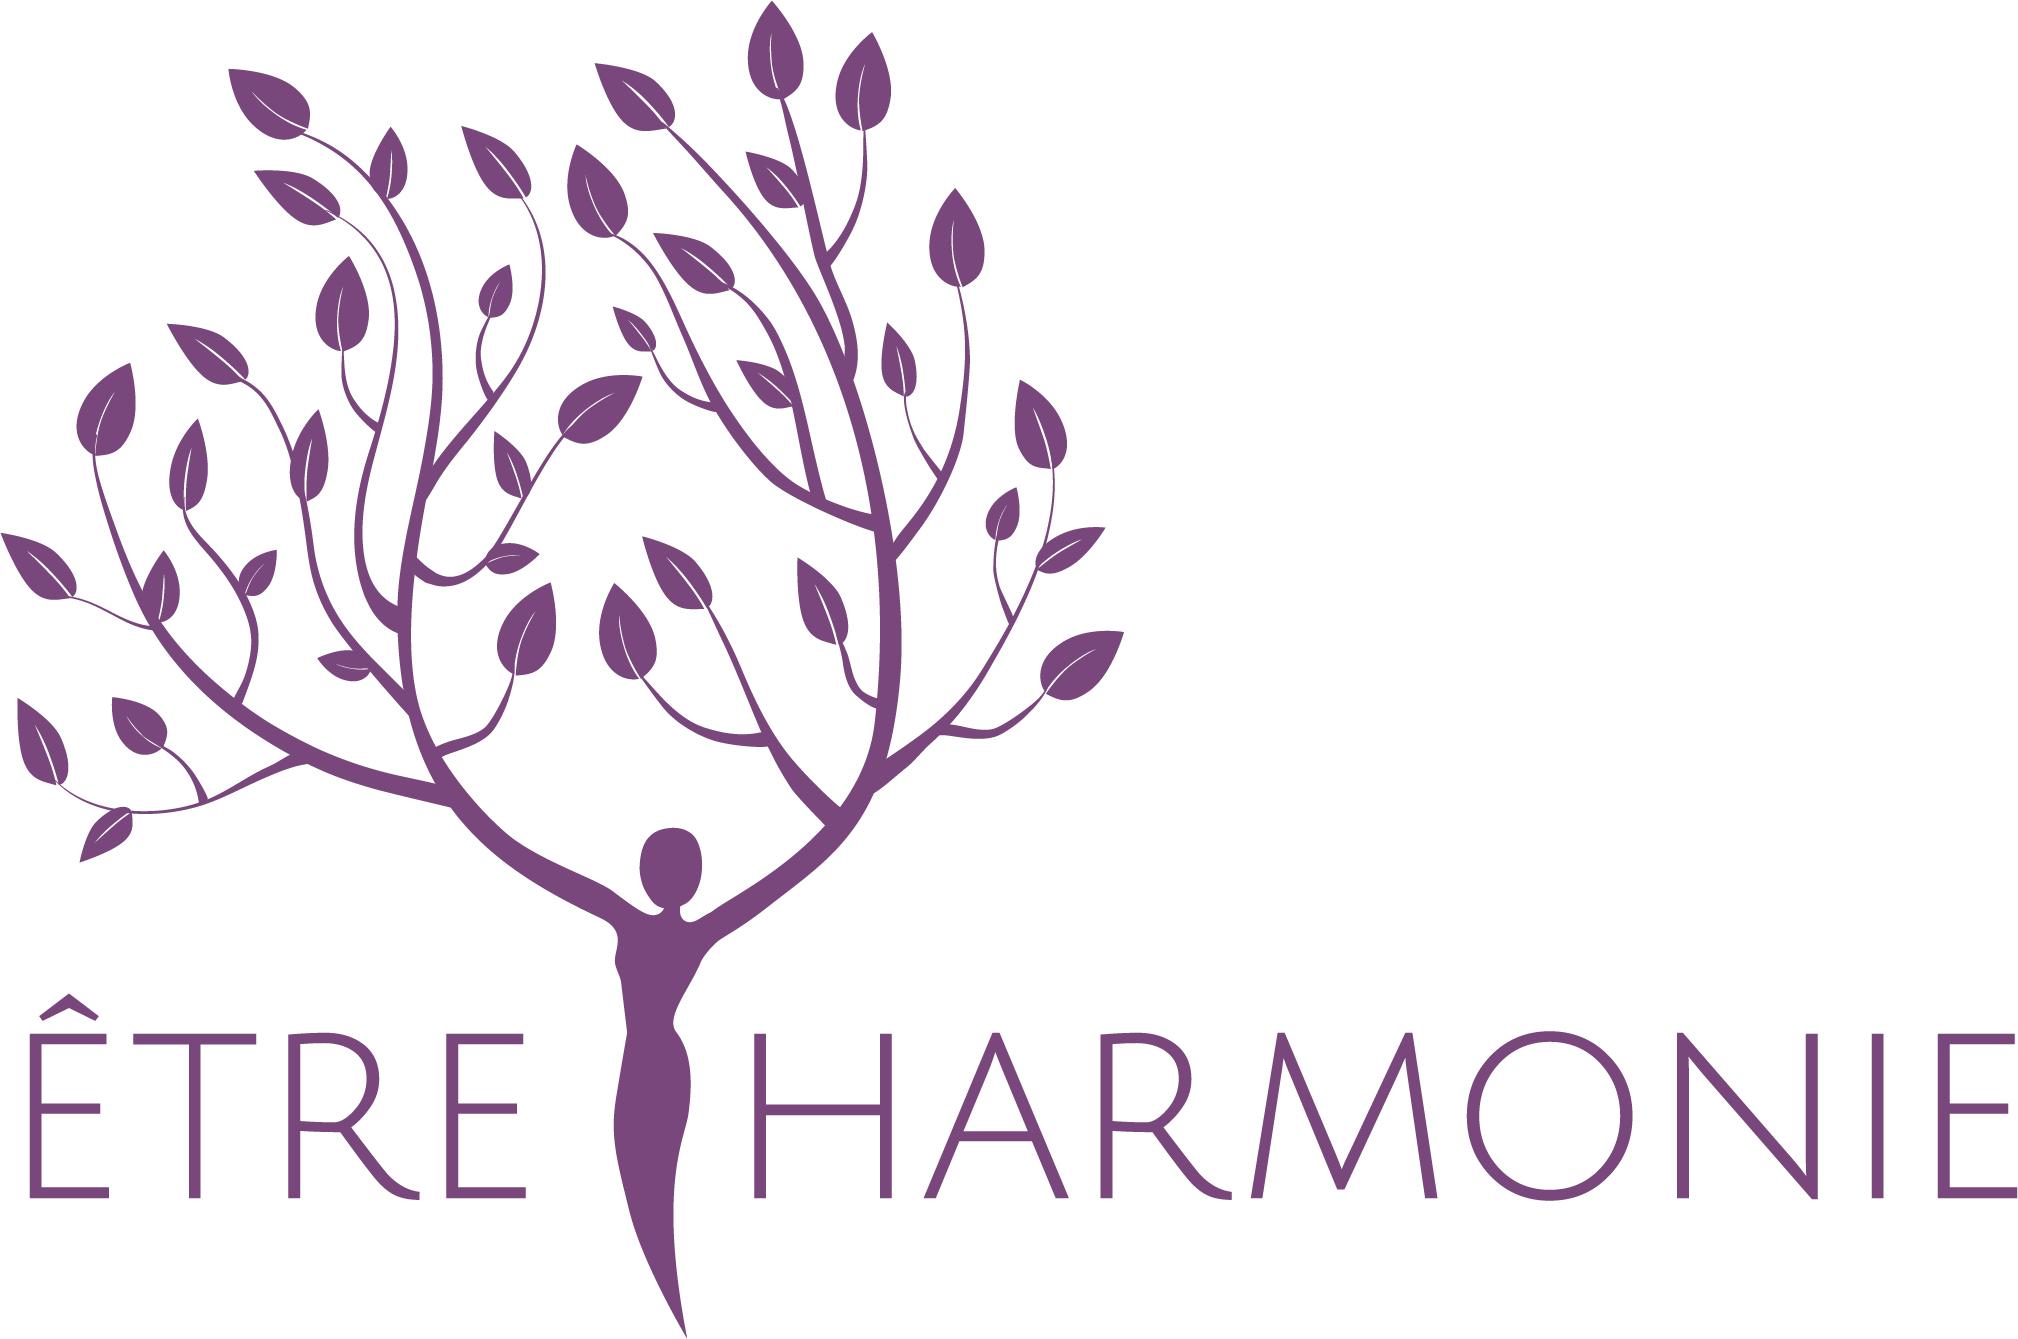 Etre Harmonie